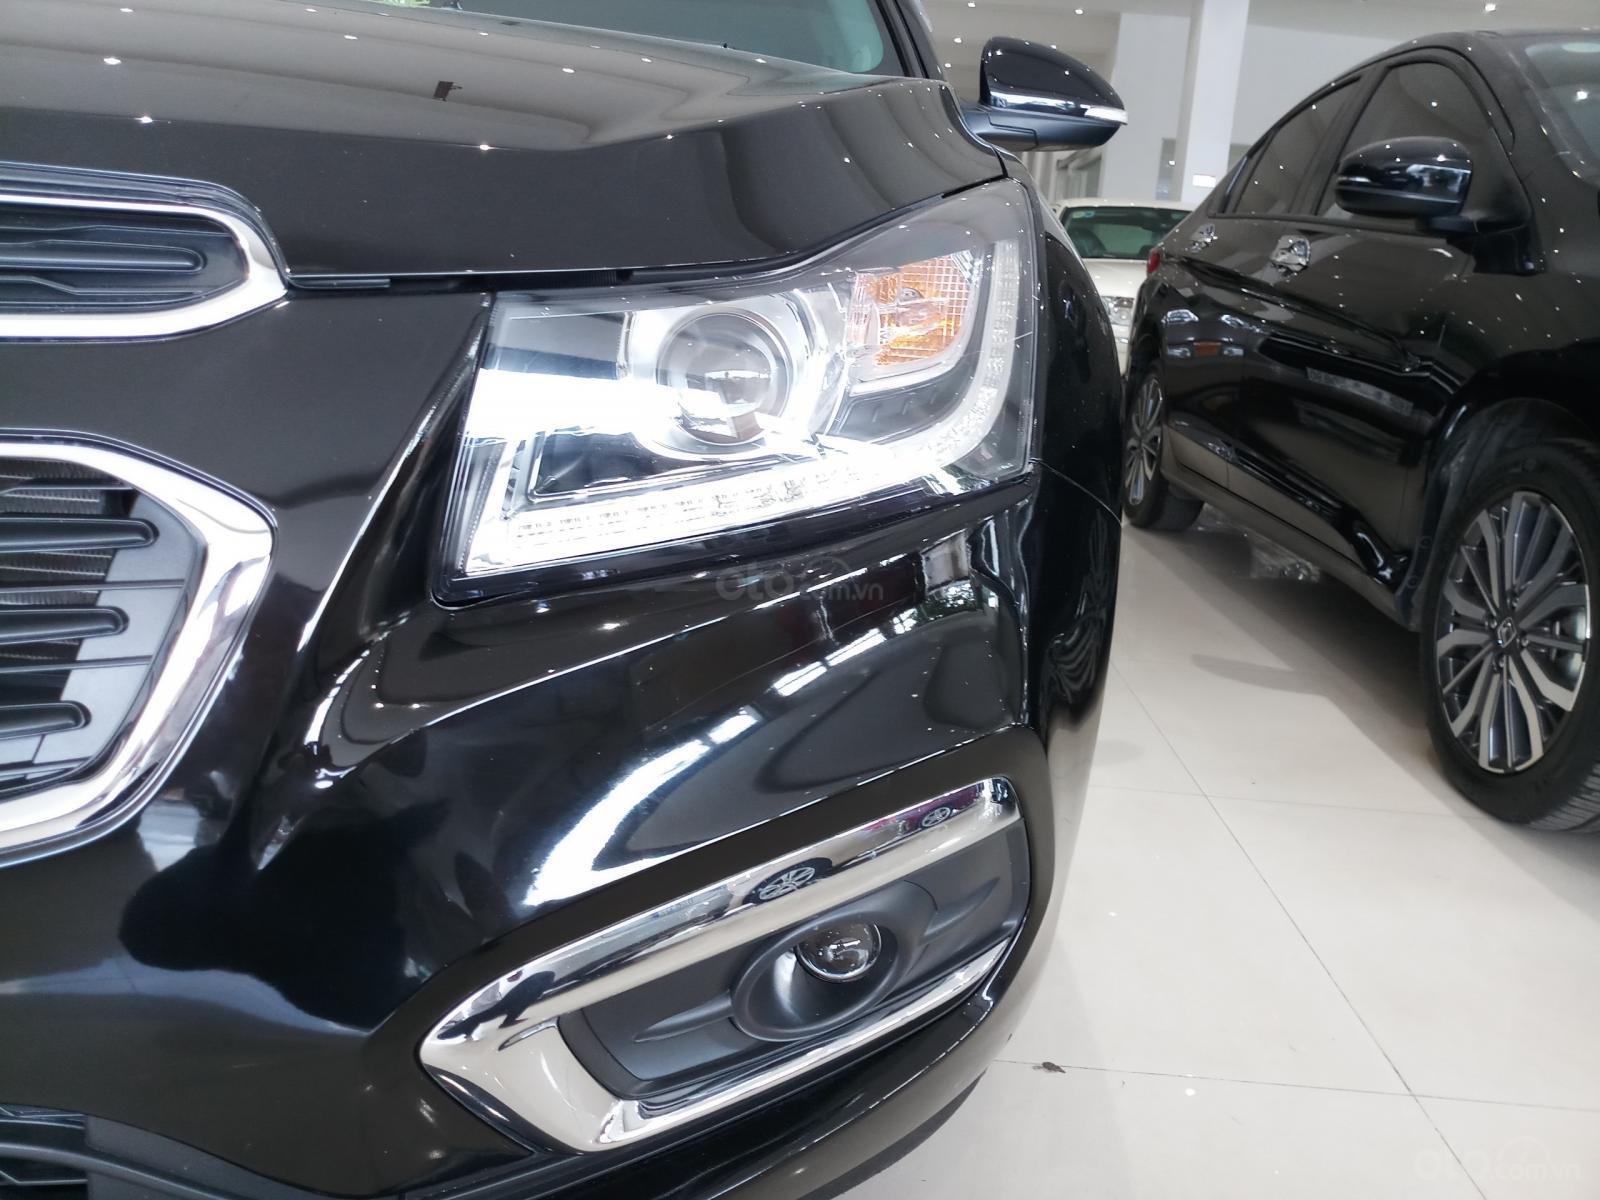 Bán Chevrolet Cruze LTZ 1.8L đời 2017, màu đen, 490tr TL (5)